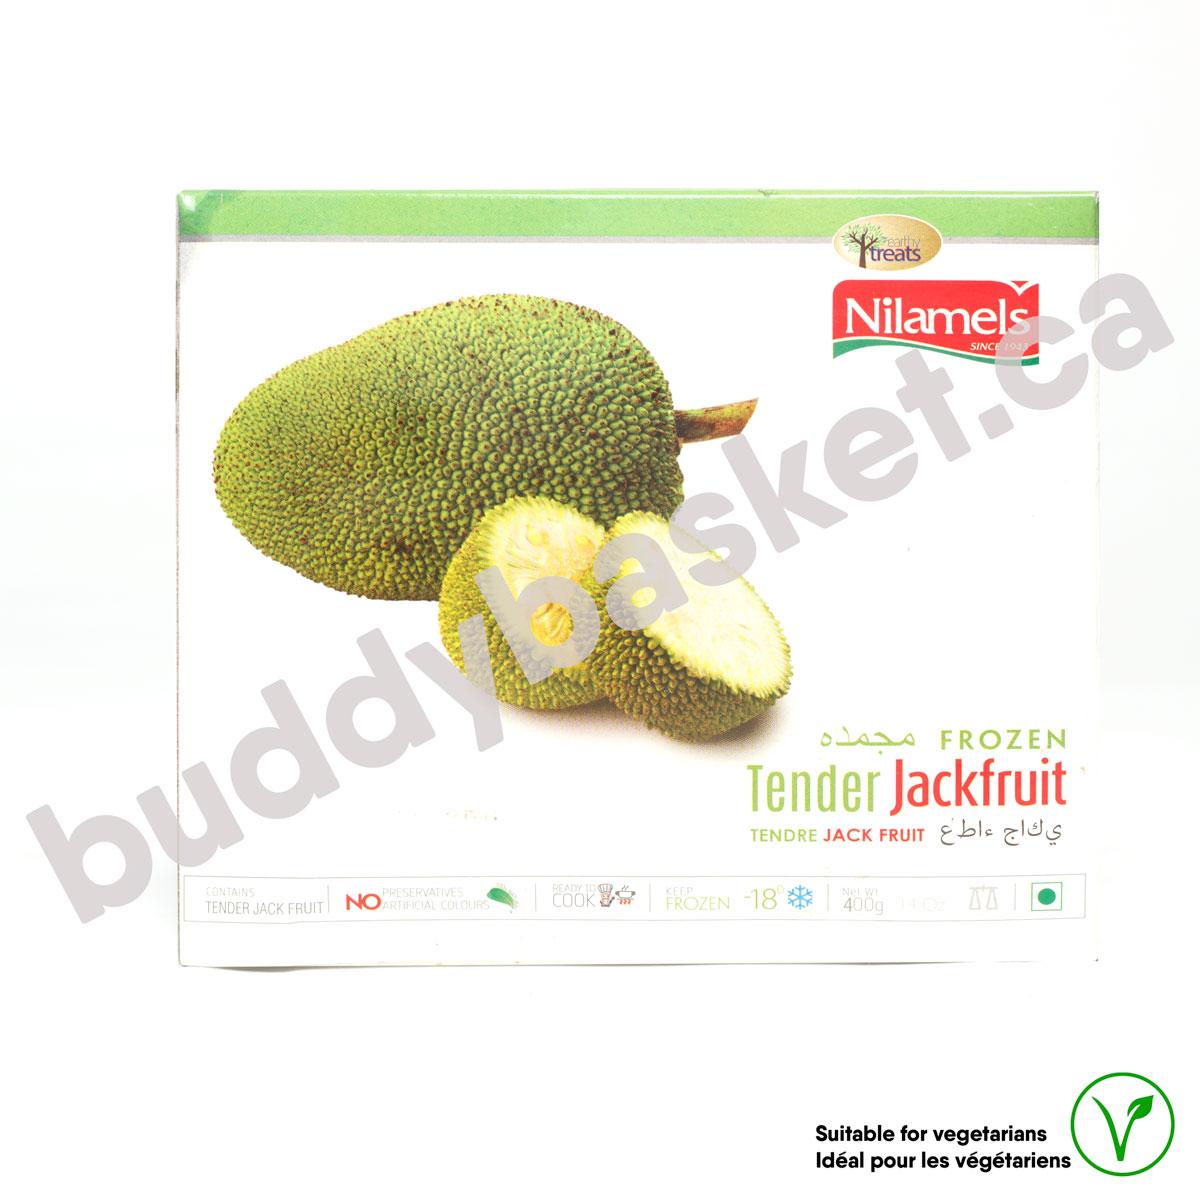 Nilamels Tender Jackfruit 400g